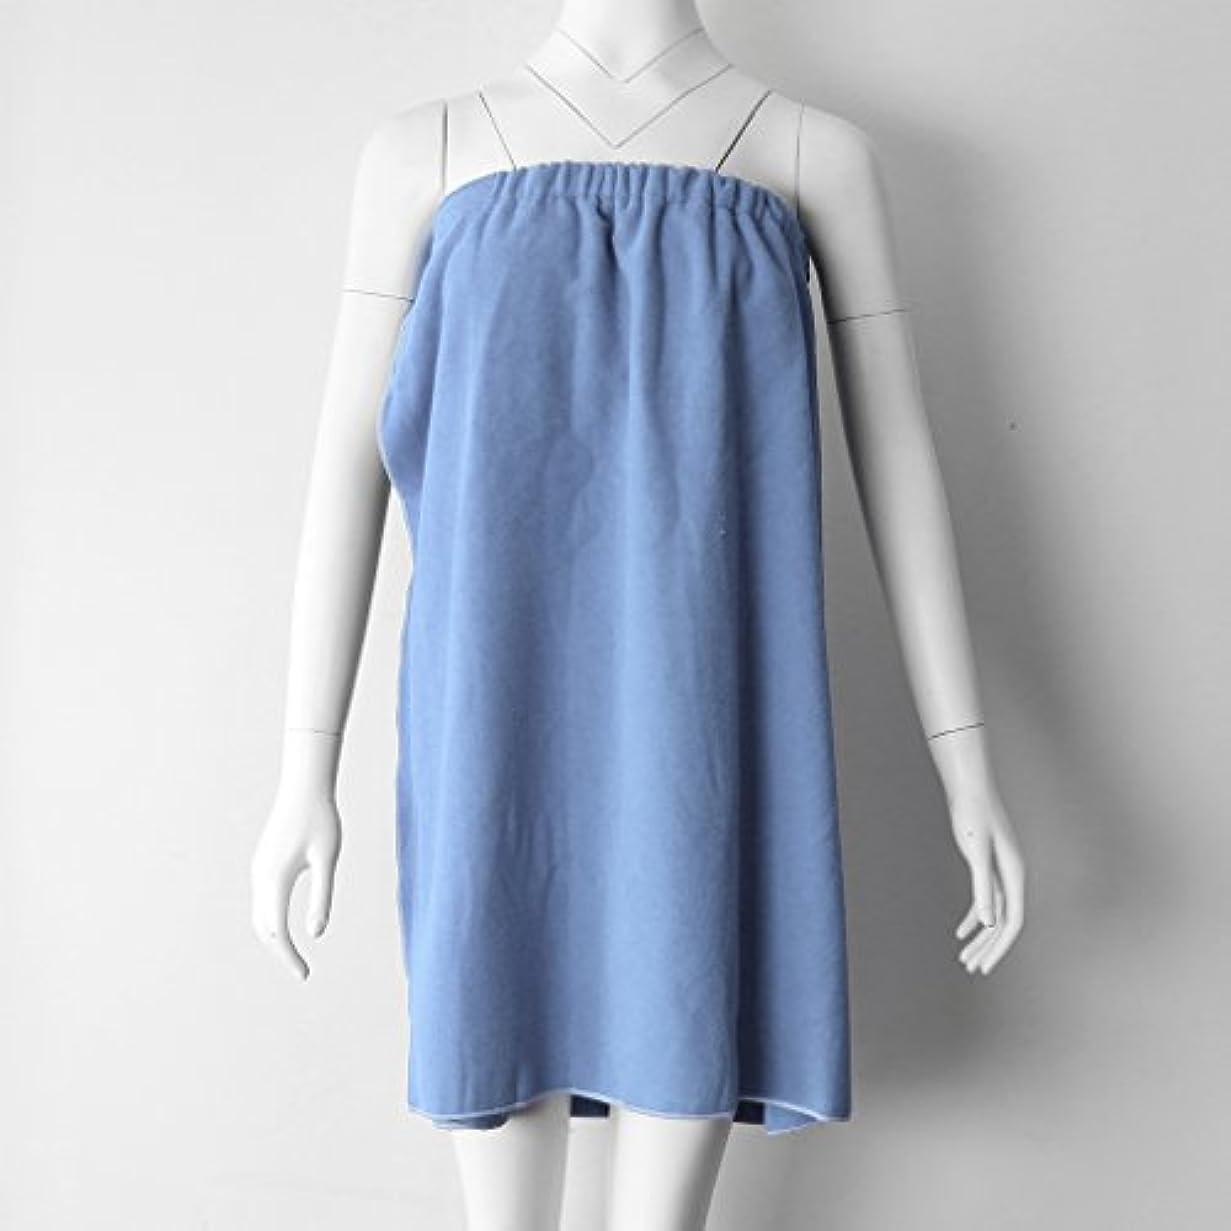 債務称賛抜本的なPerfk タオルラップ バスタオル バススカート レディース シャワーラップ 約68×54cm 4色選べる - ライトブルー